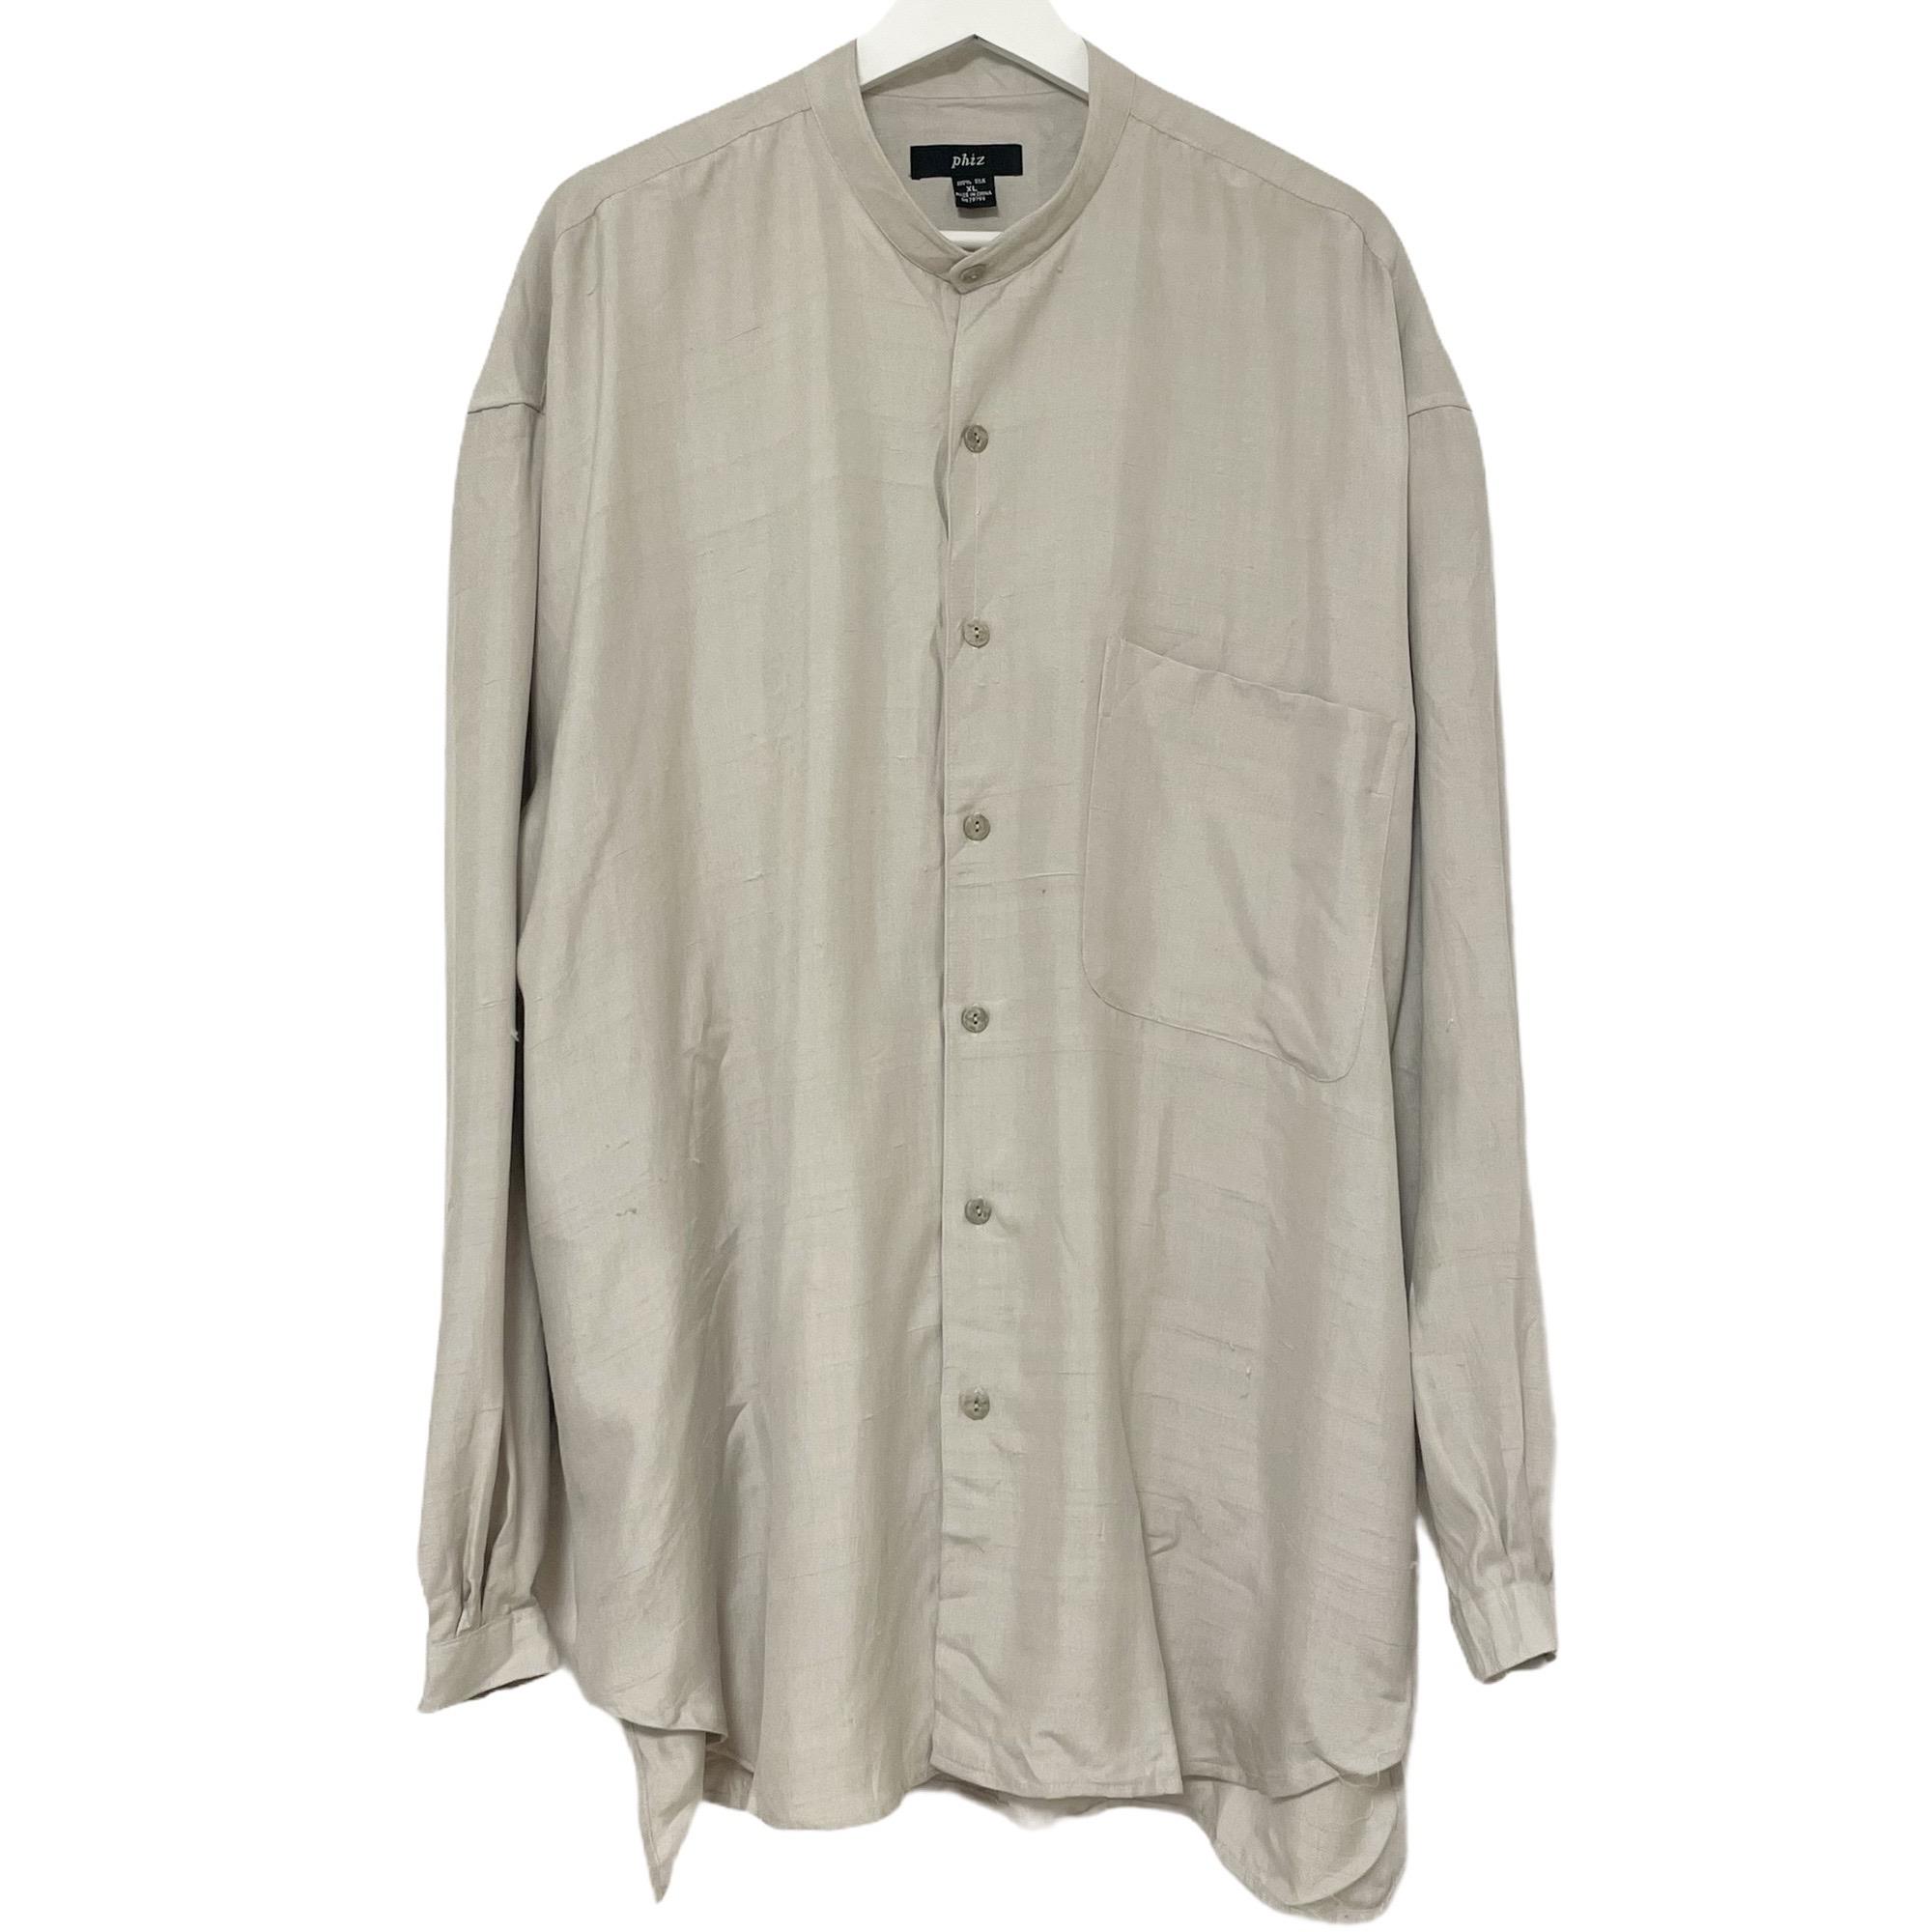 Dead Stock 90's phiz Silk Shirt Band Collar シルク カーキ バンドカラー シャツ デッドストック 2020 新作 豪華な フィズ KHAKI